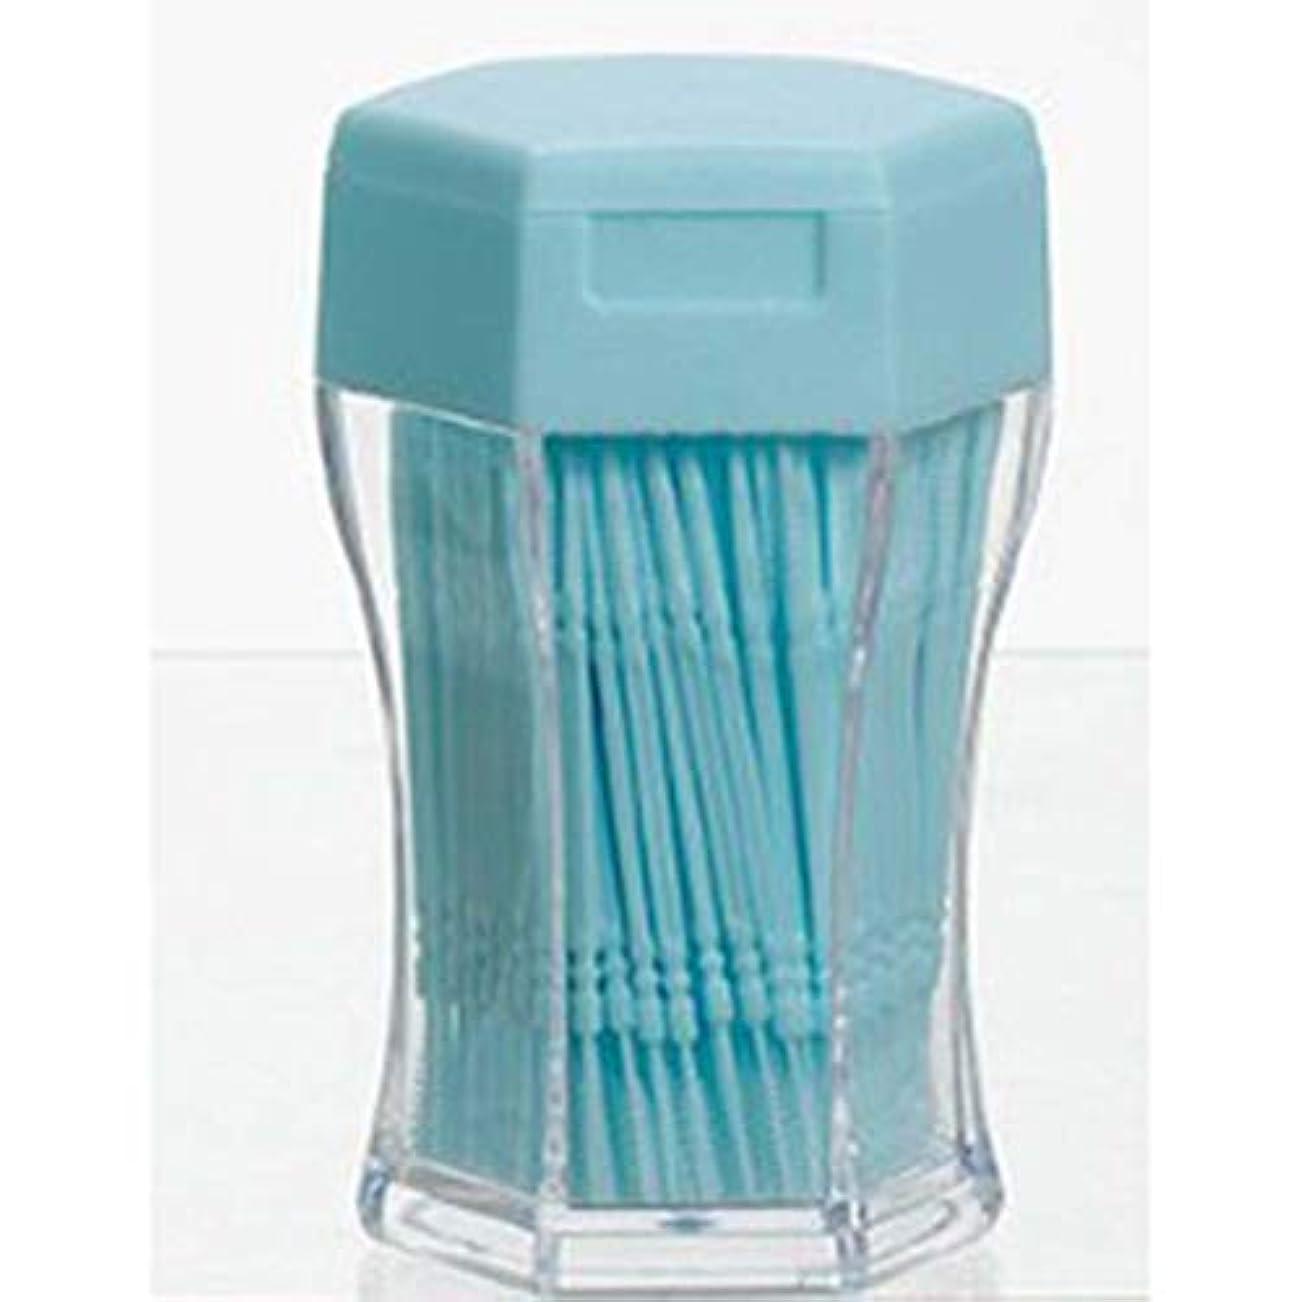 クレーター暗記するリズミカルな200ピース/セットダブルヘッド歯フロス衛生デンタルフロスプラスチック歯間つまようじ健康用歯のクリーニングオーラルケア(Color:blue)